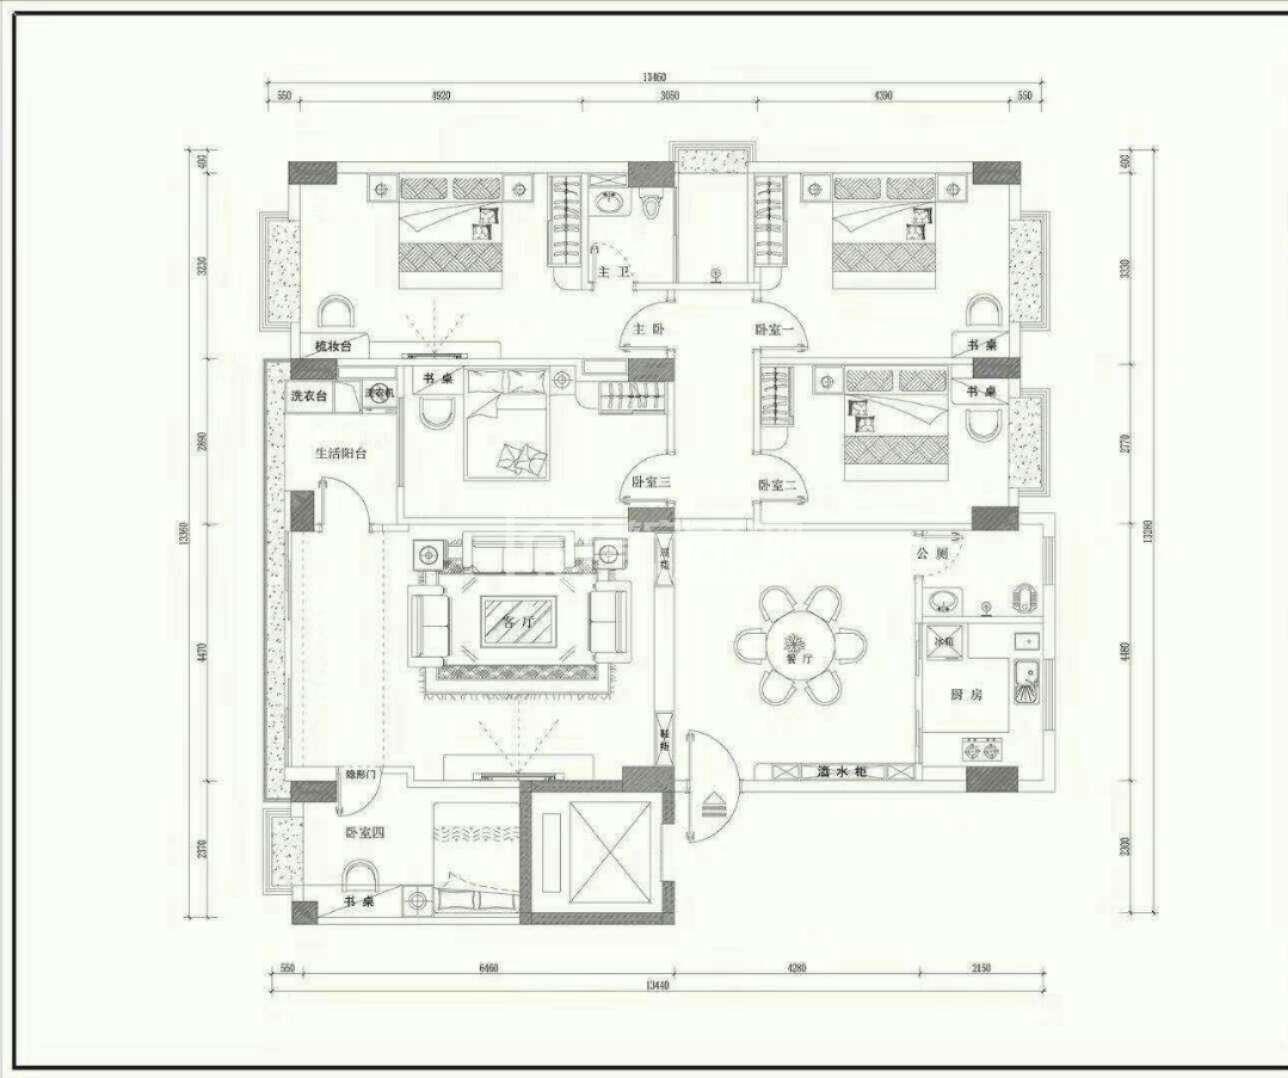 泗竹仔电梯现楼2楼 185平 5房2厅 免配套费 平仅2350元